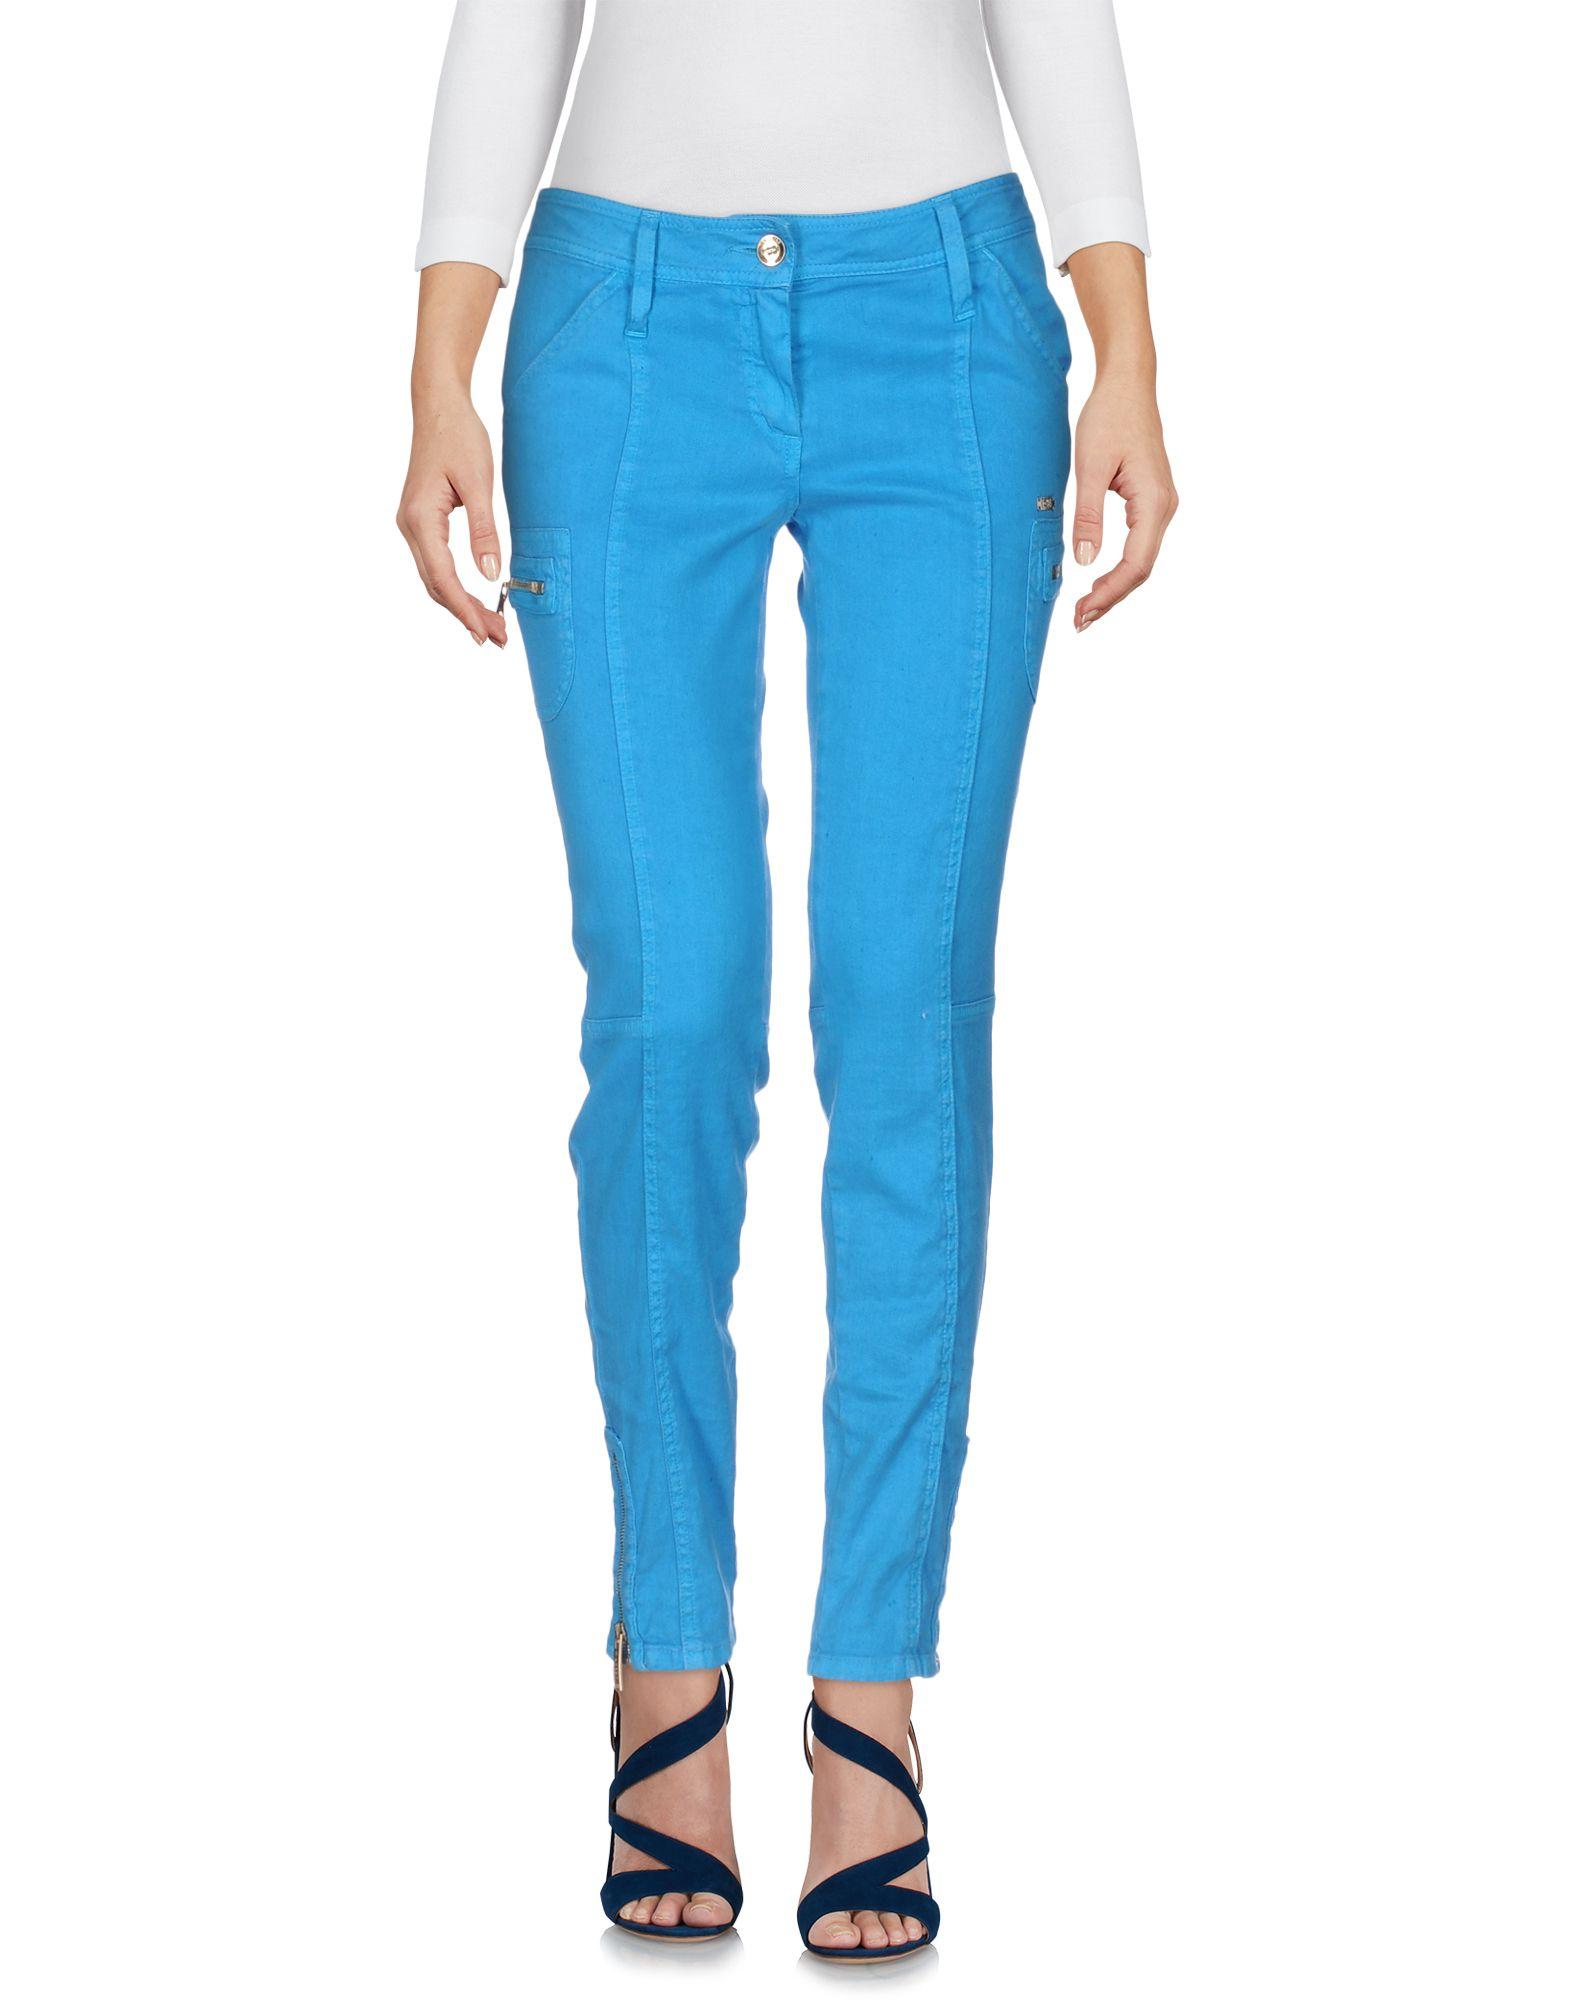 ICE ICEBERG Джинсовые брюки ice iceberg джинсовые брюки